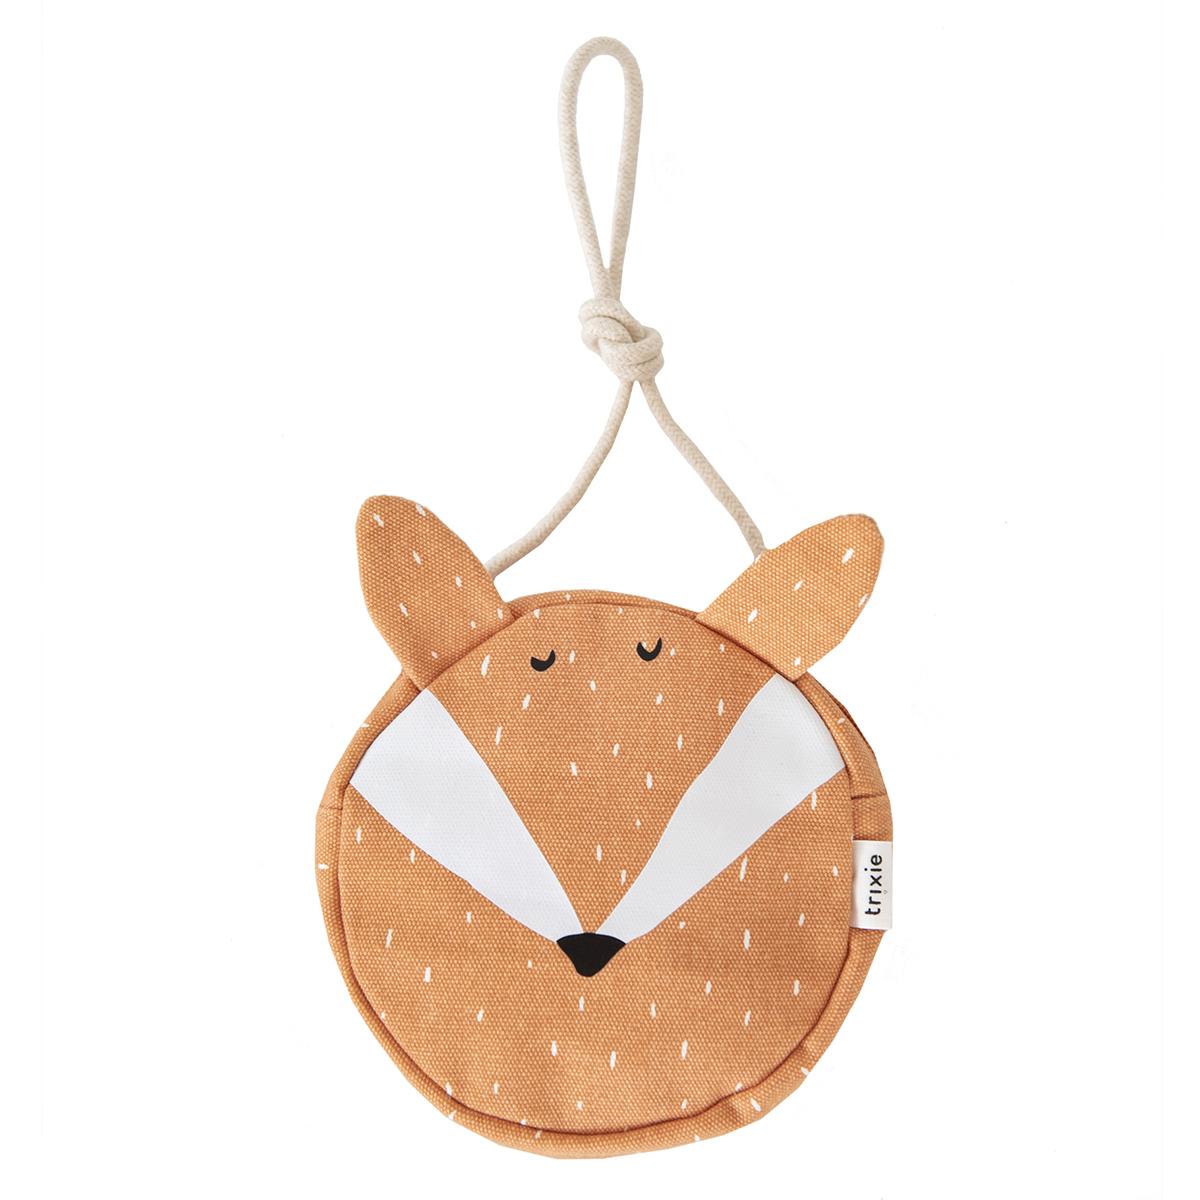 Bagagerie enfant Sac à Main Rond - Mr. Fox Sac à Main Rond - Mr. Fox